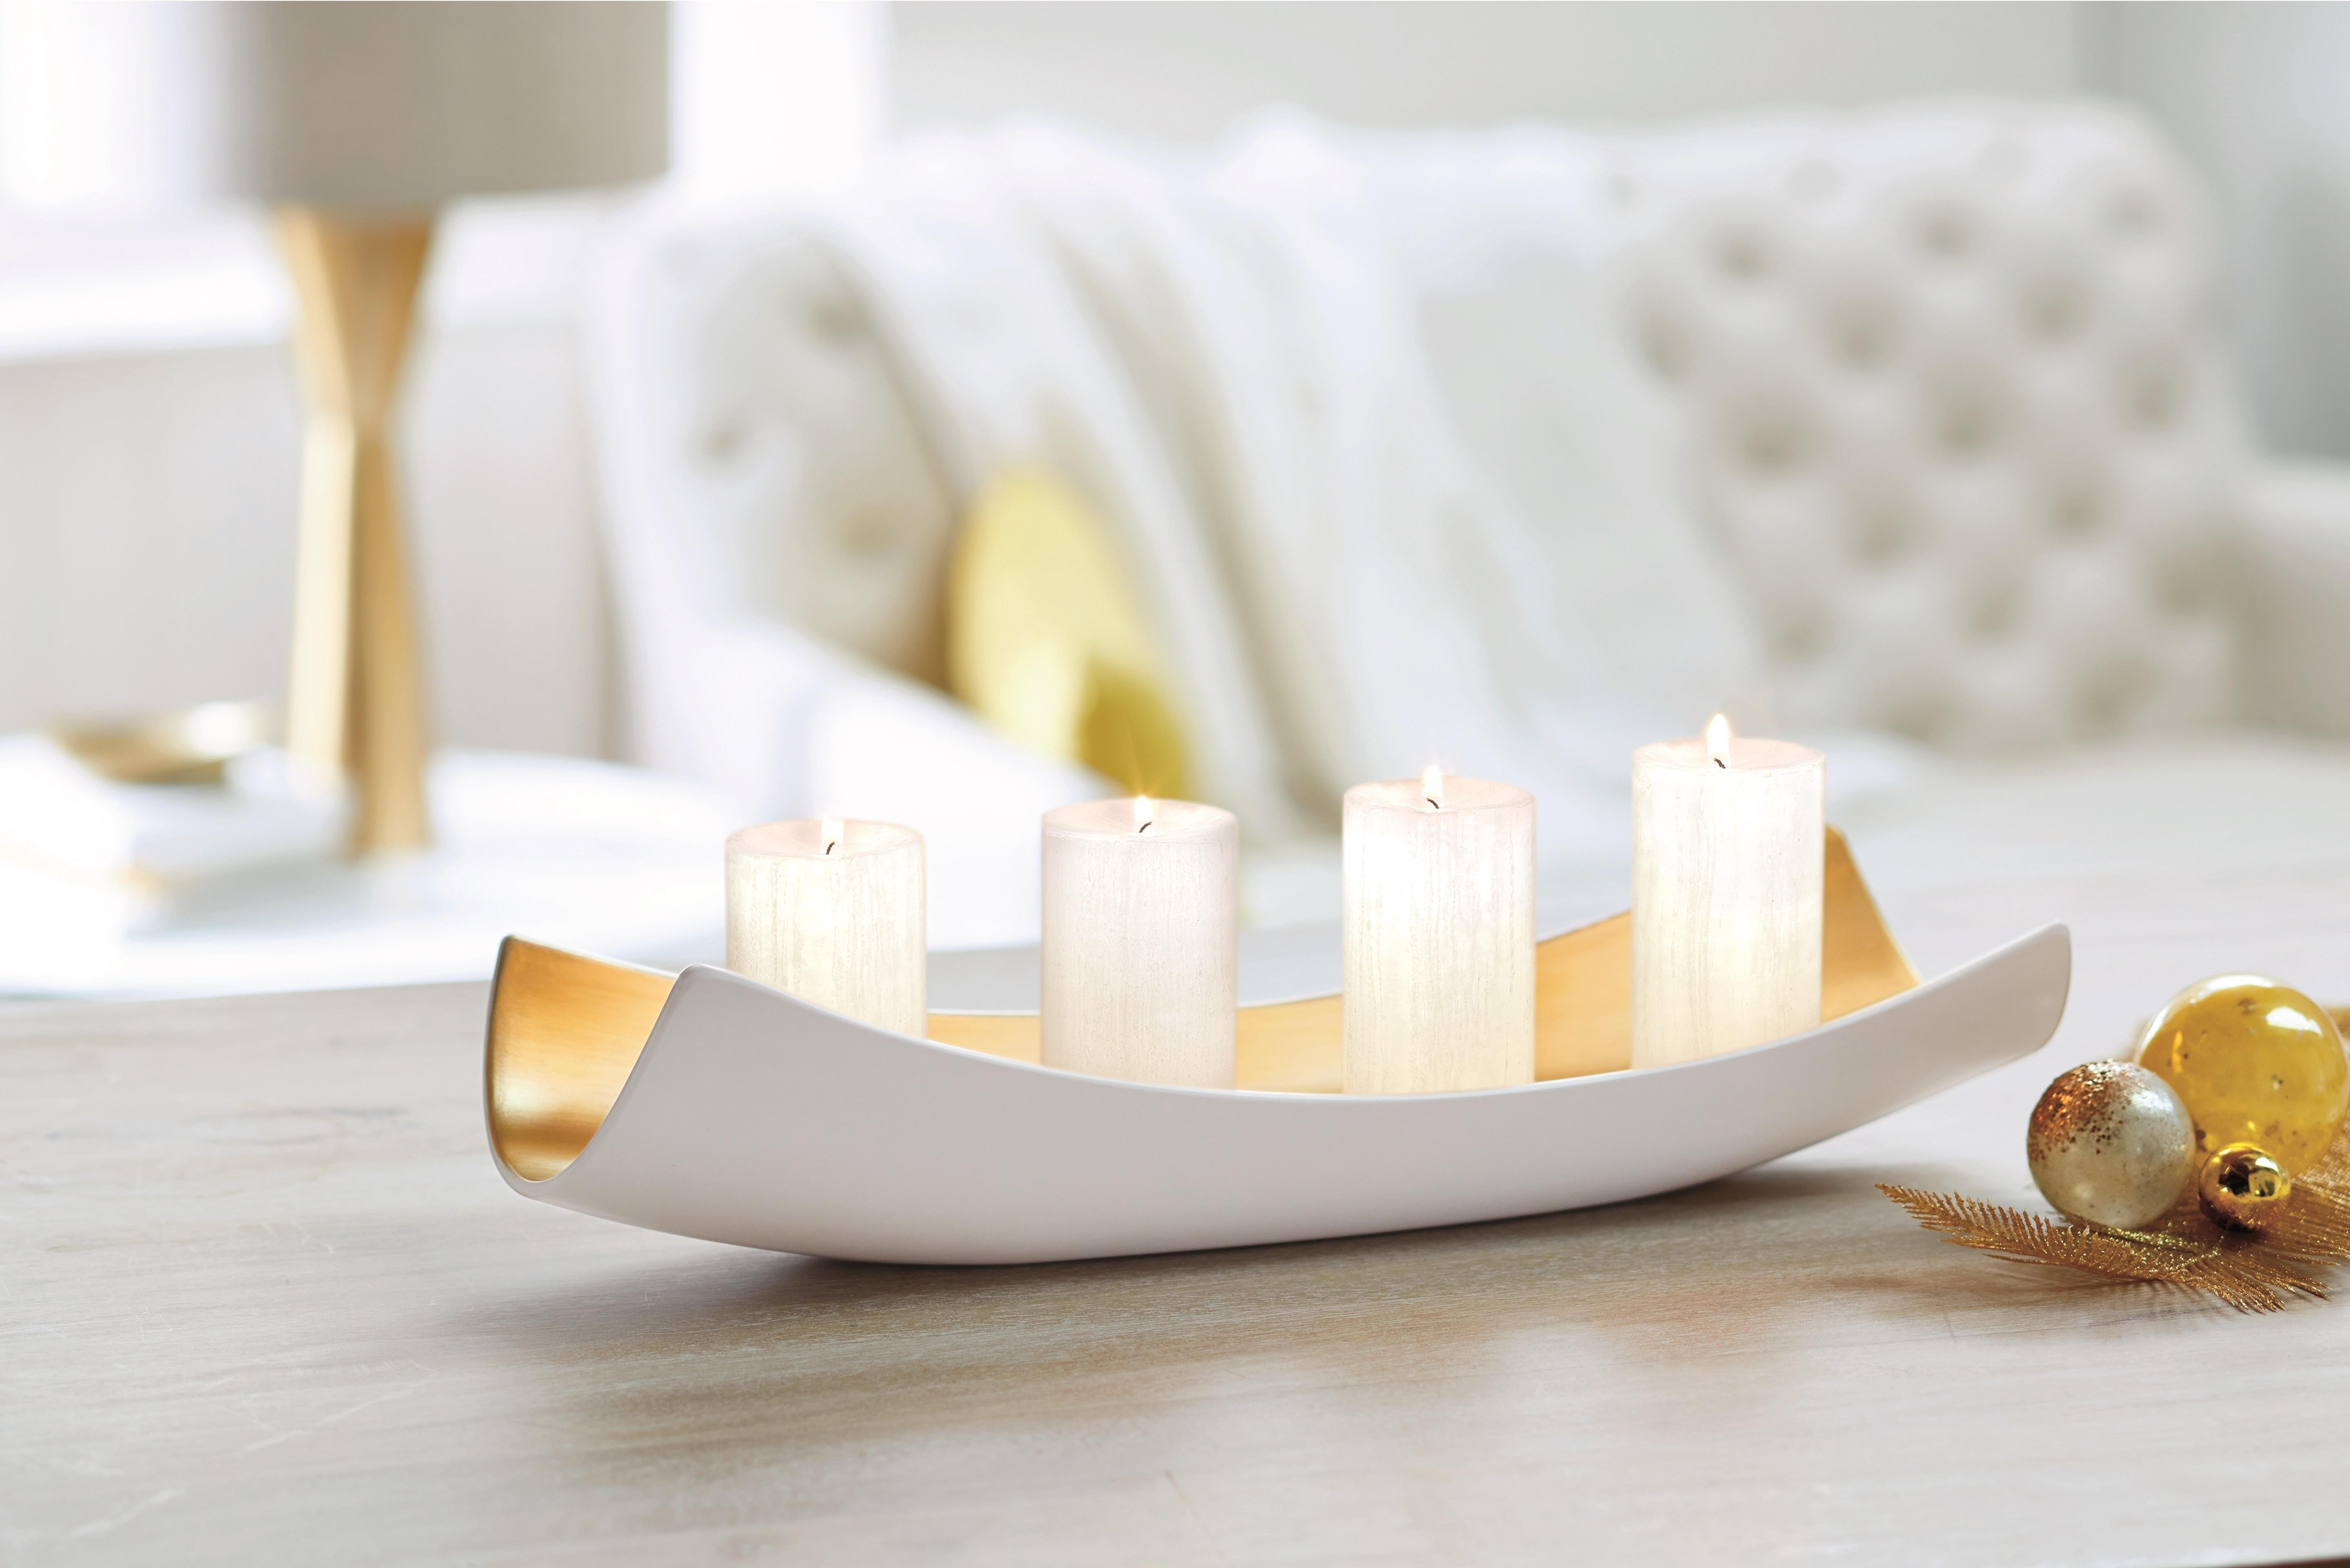 Kultainen ja valkoinen joulu! #partylite #candles #decoration #joulu #jul